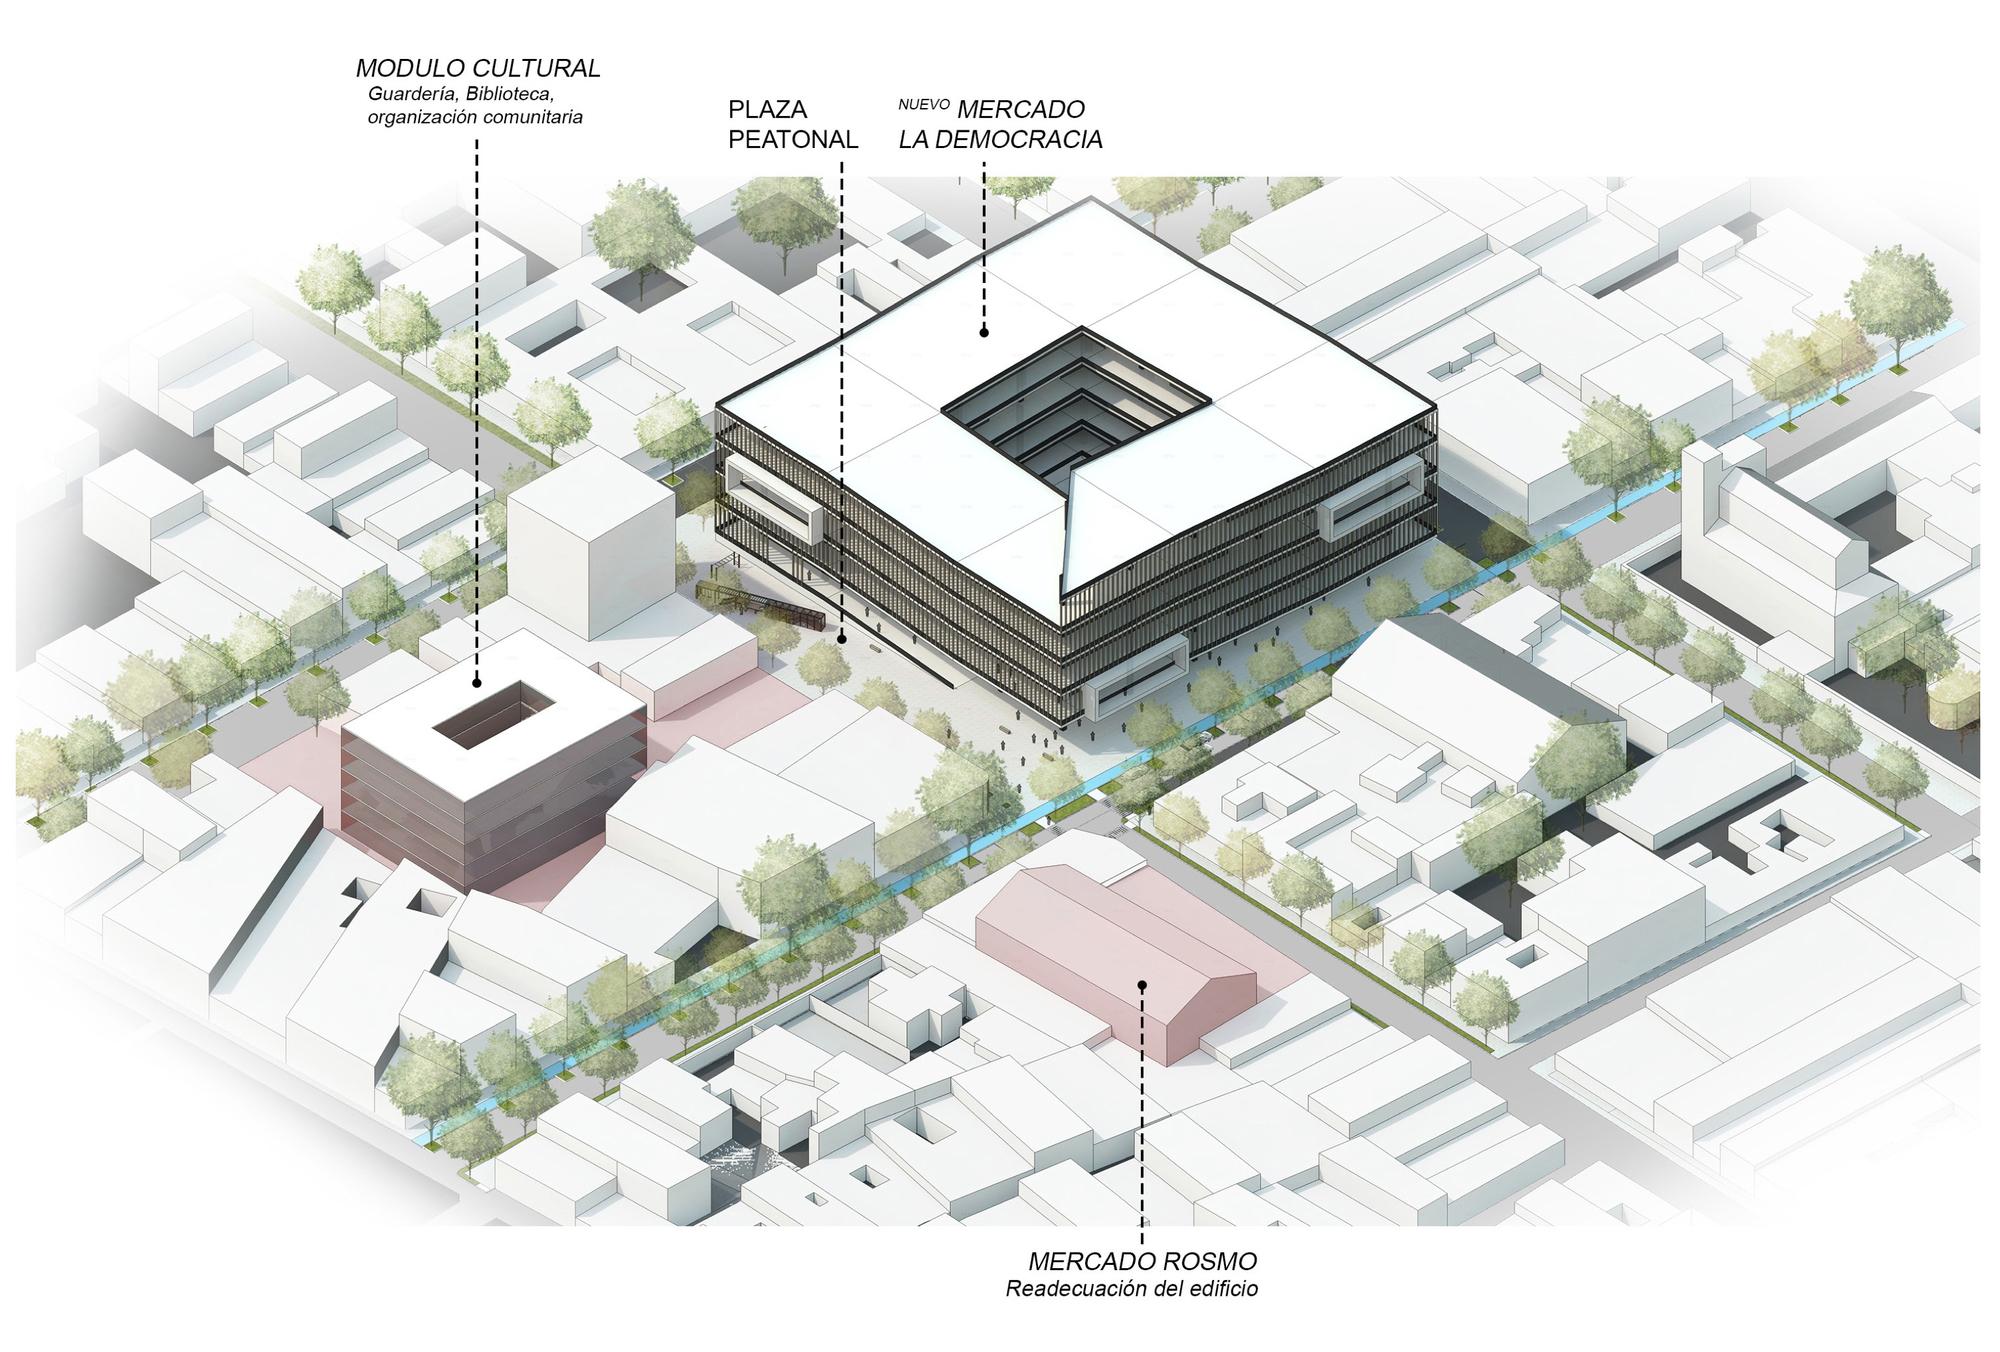 Mercado ambulante 39 la democracia 39 rehabilitando un rea for Arquitectura de proyectos